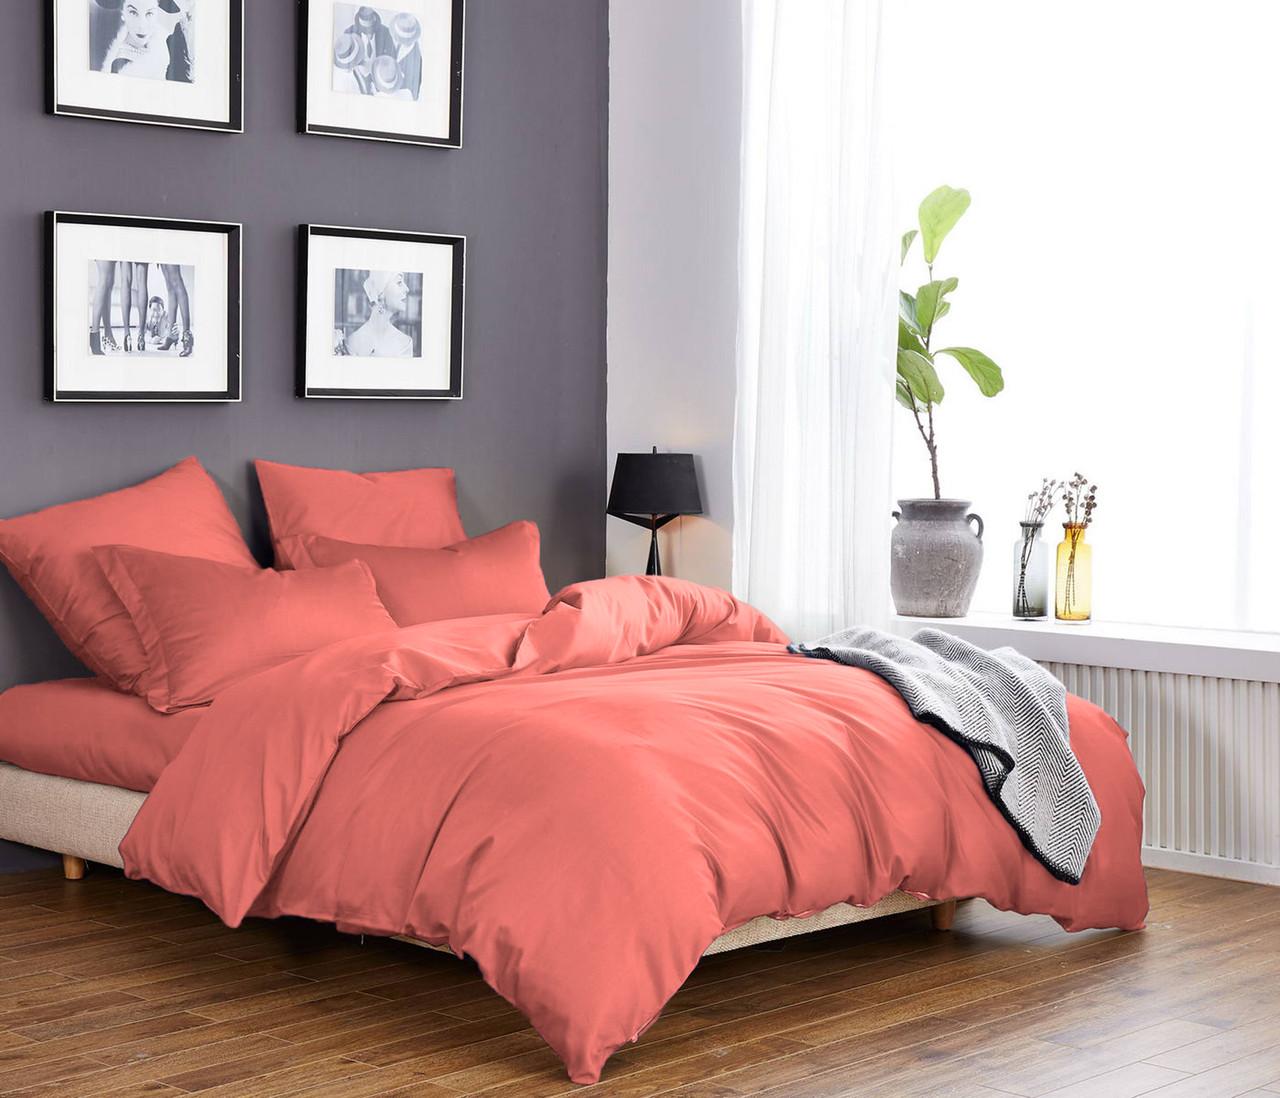 Комплект постельного белья из элитного сатина Лосось